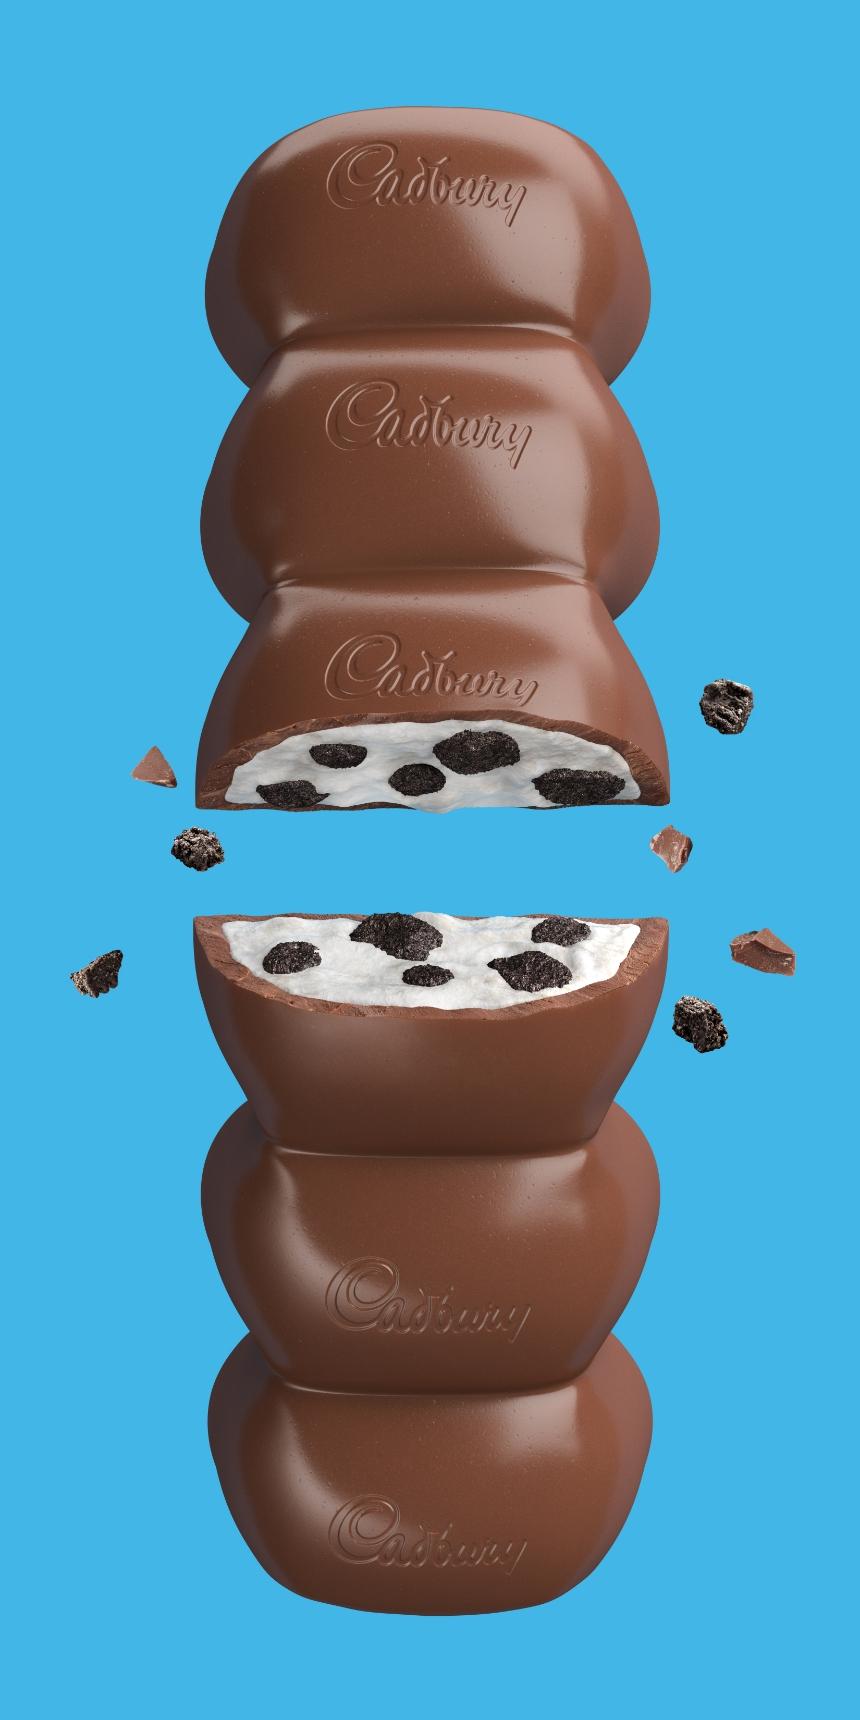 Cadbury x Oreo Chocolate